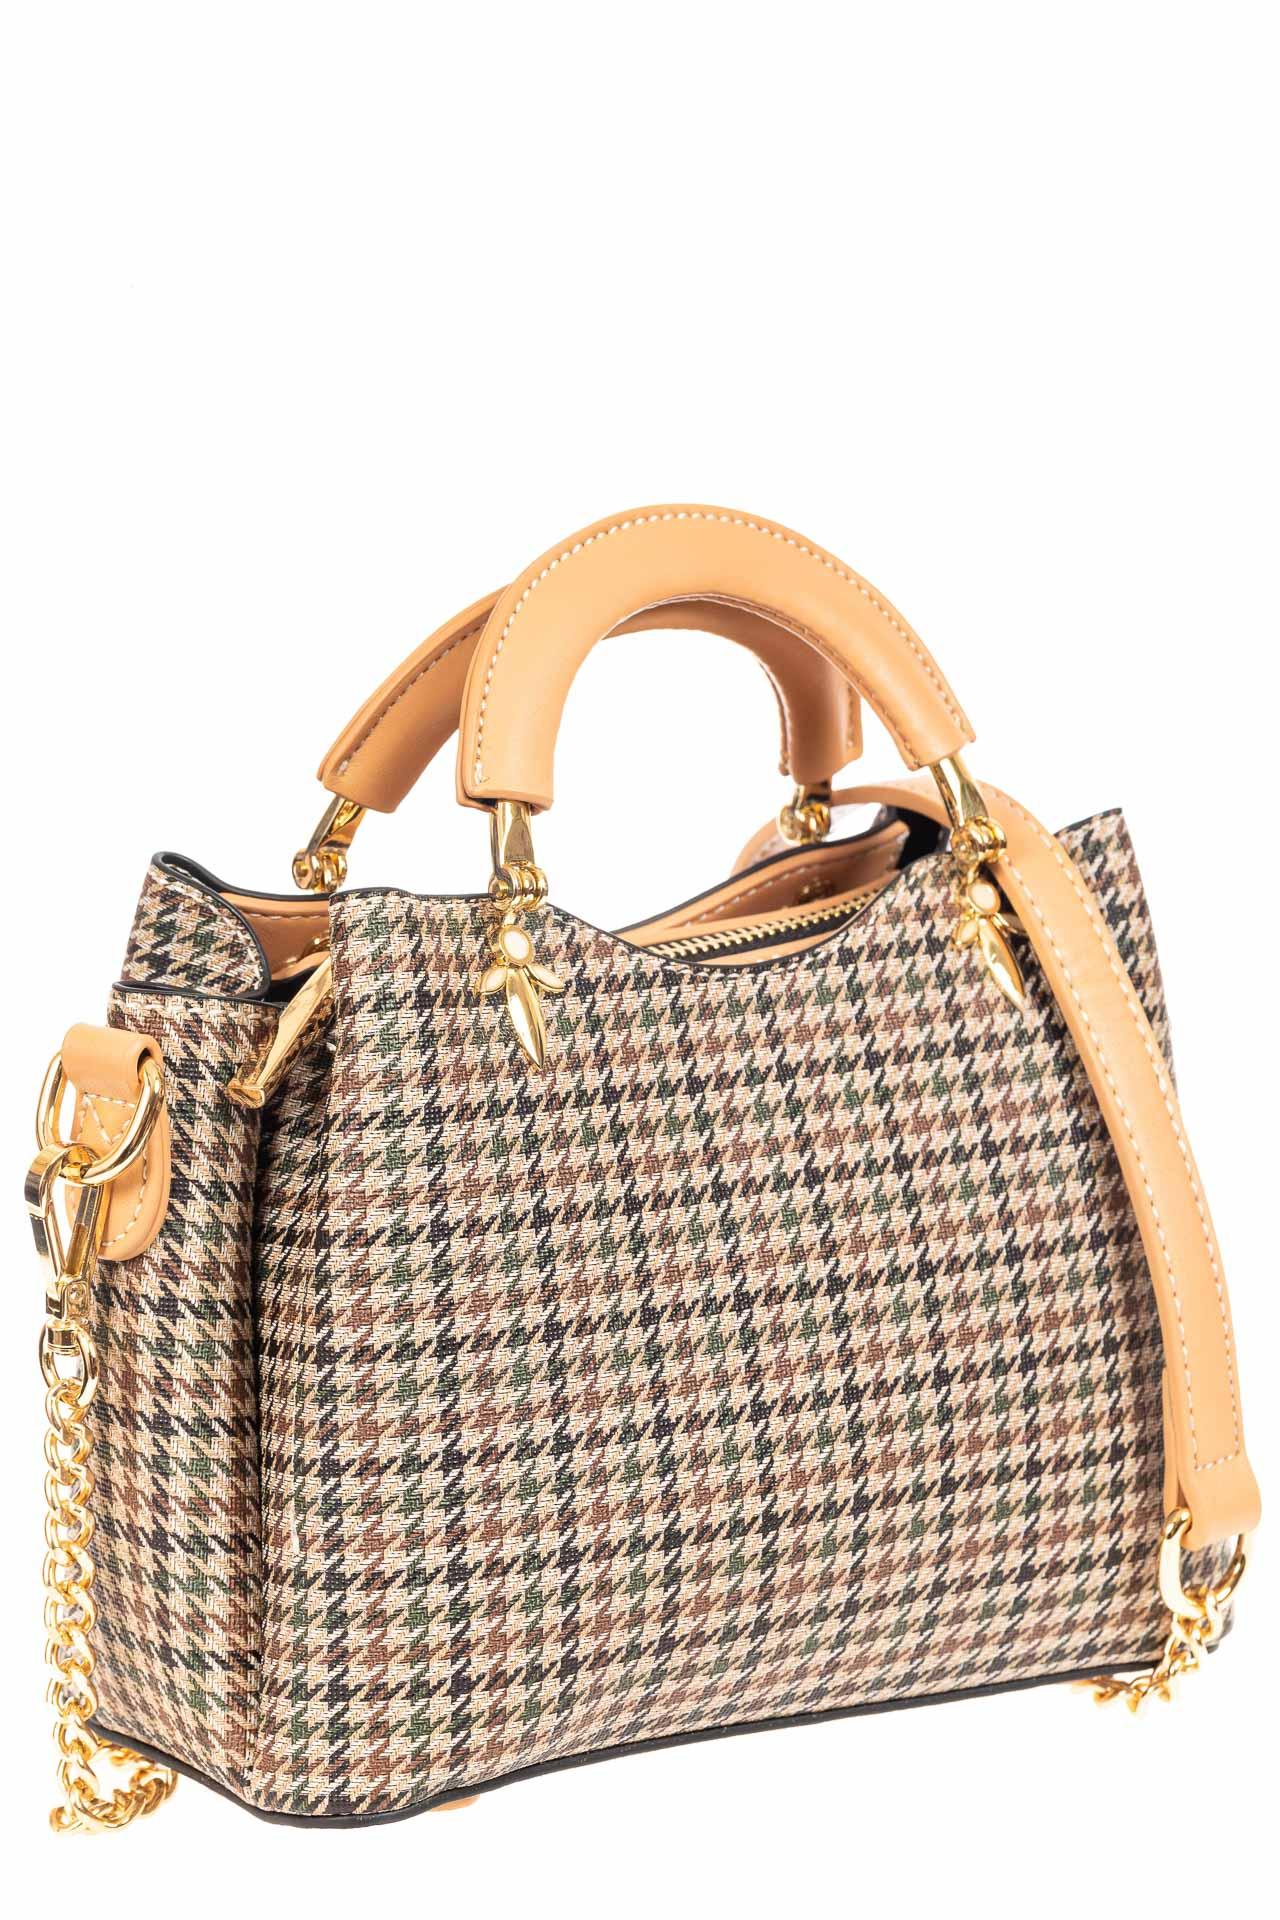 Женская сумка из кожзама с жесткими ручками, цвет бежевый3935MPJ0420/10